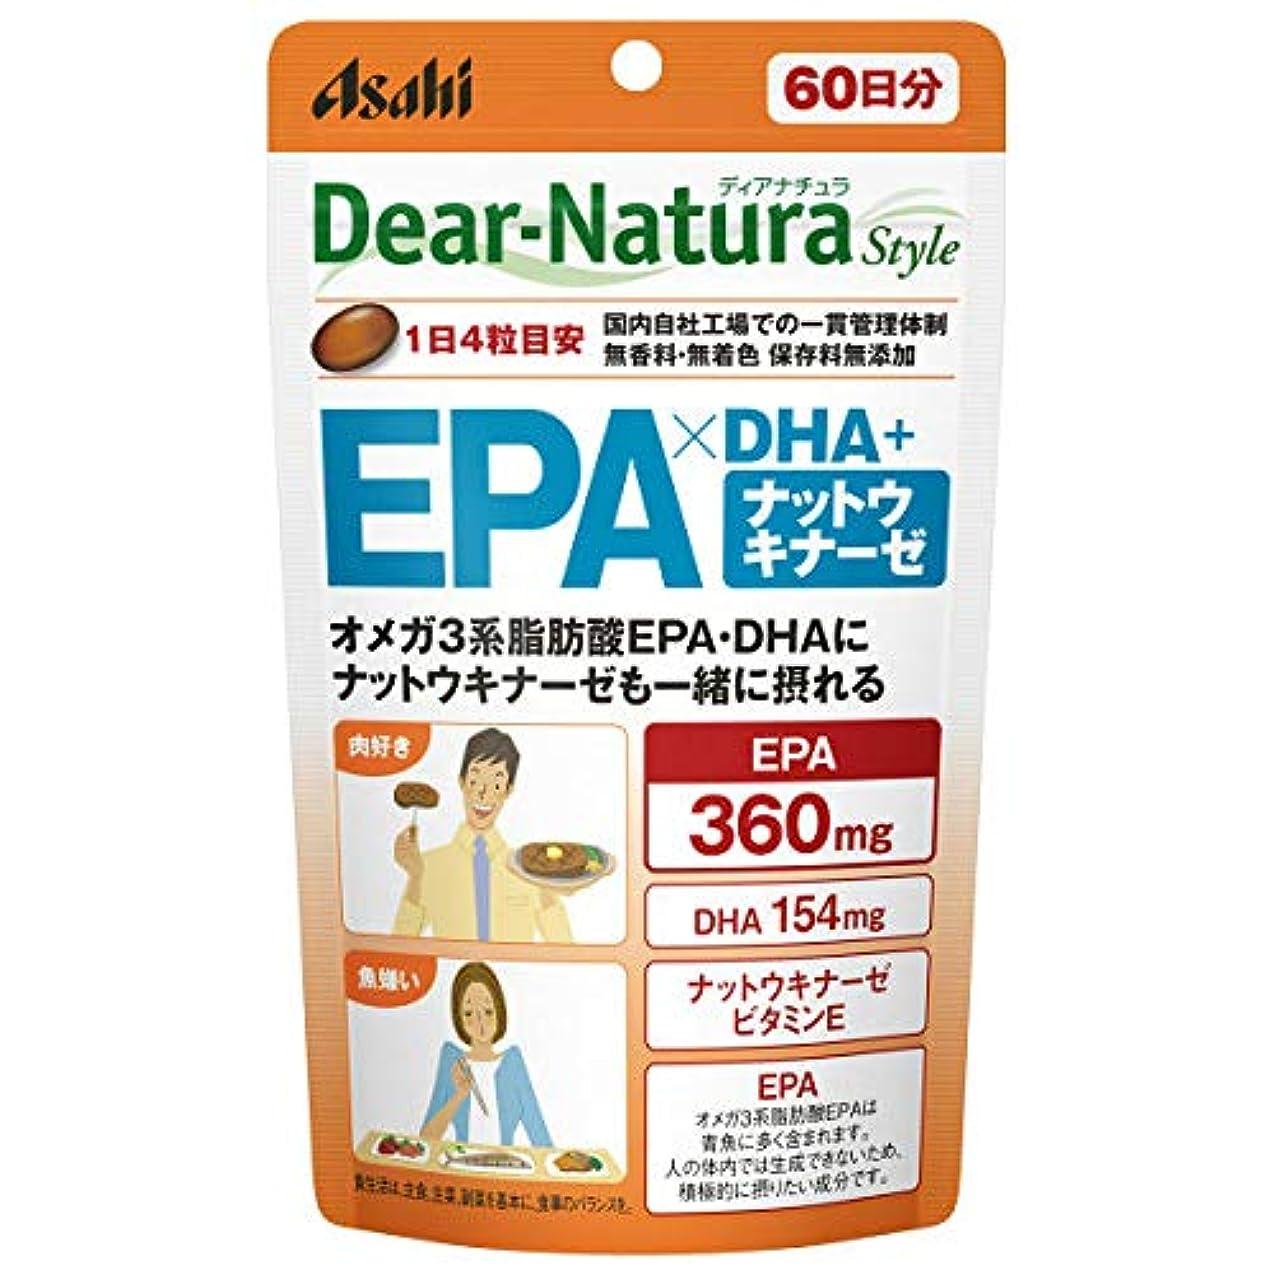 シロナガスクジラ見えるやろうディアナチュラスタイル EPA×DHA +ナットウキナーゼ 240粒 (60日分)